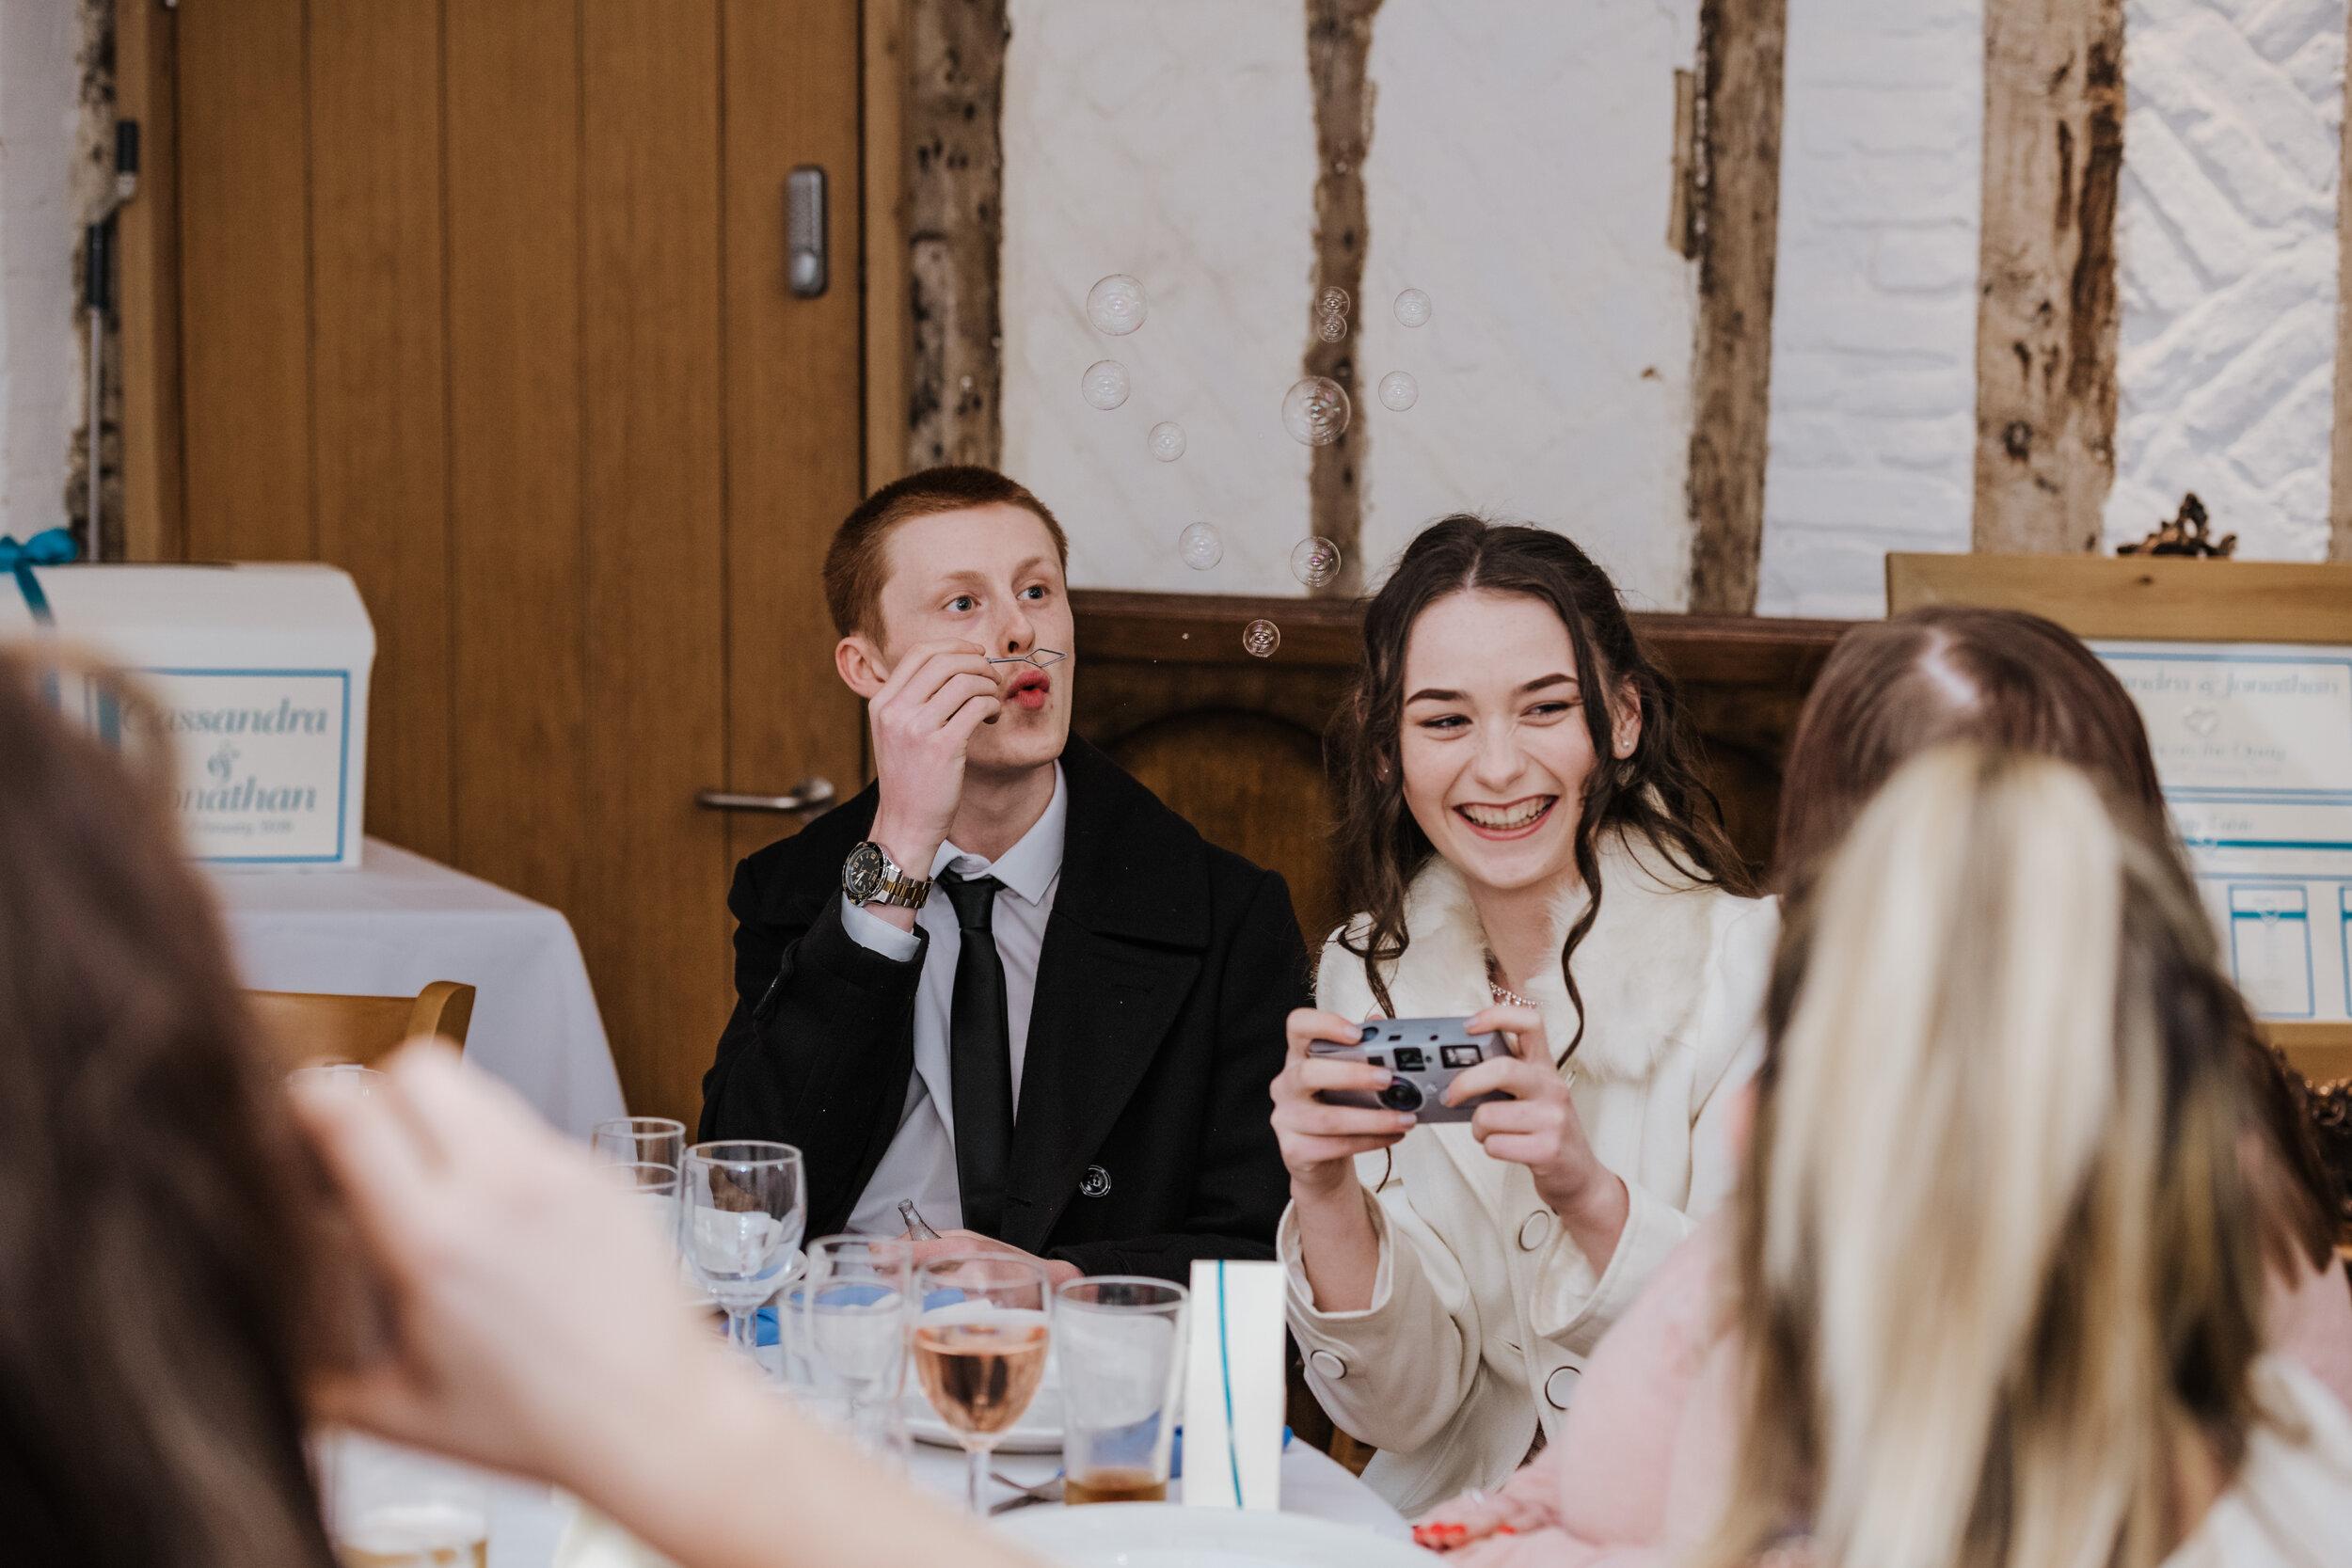 SUFFOLK_WEDDING_PHOTOGRAPHY_ISAACS_WEDDING_VENUE_WEDDINGPHOTOGRAPHERNEARME_iPSWICHWEDDINGPHOTOGRAPHER (65).jpg